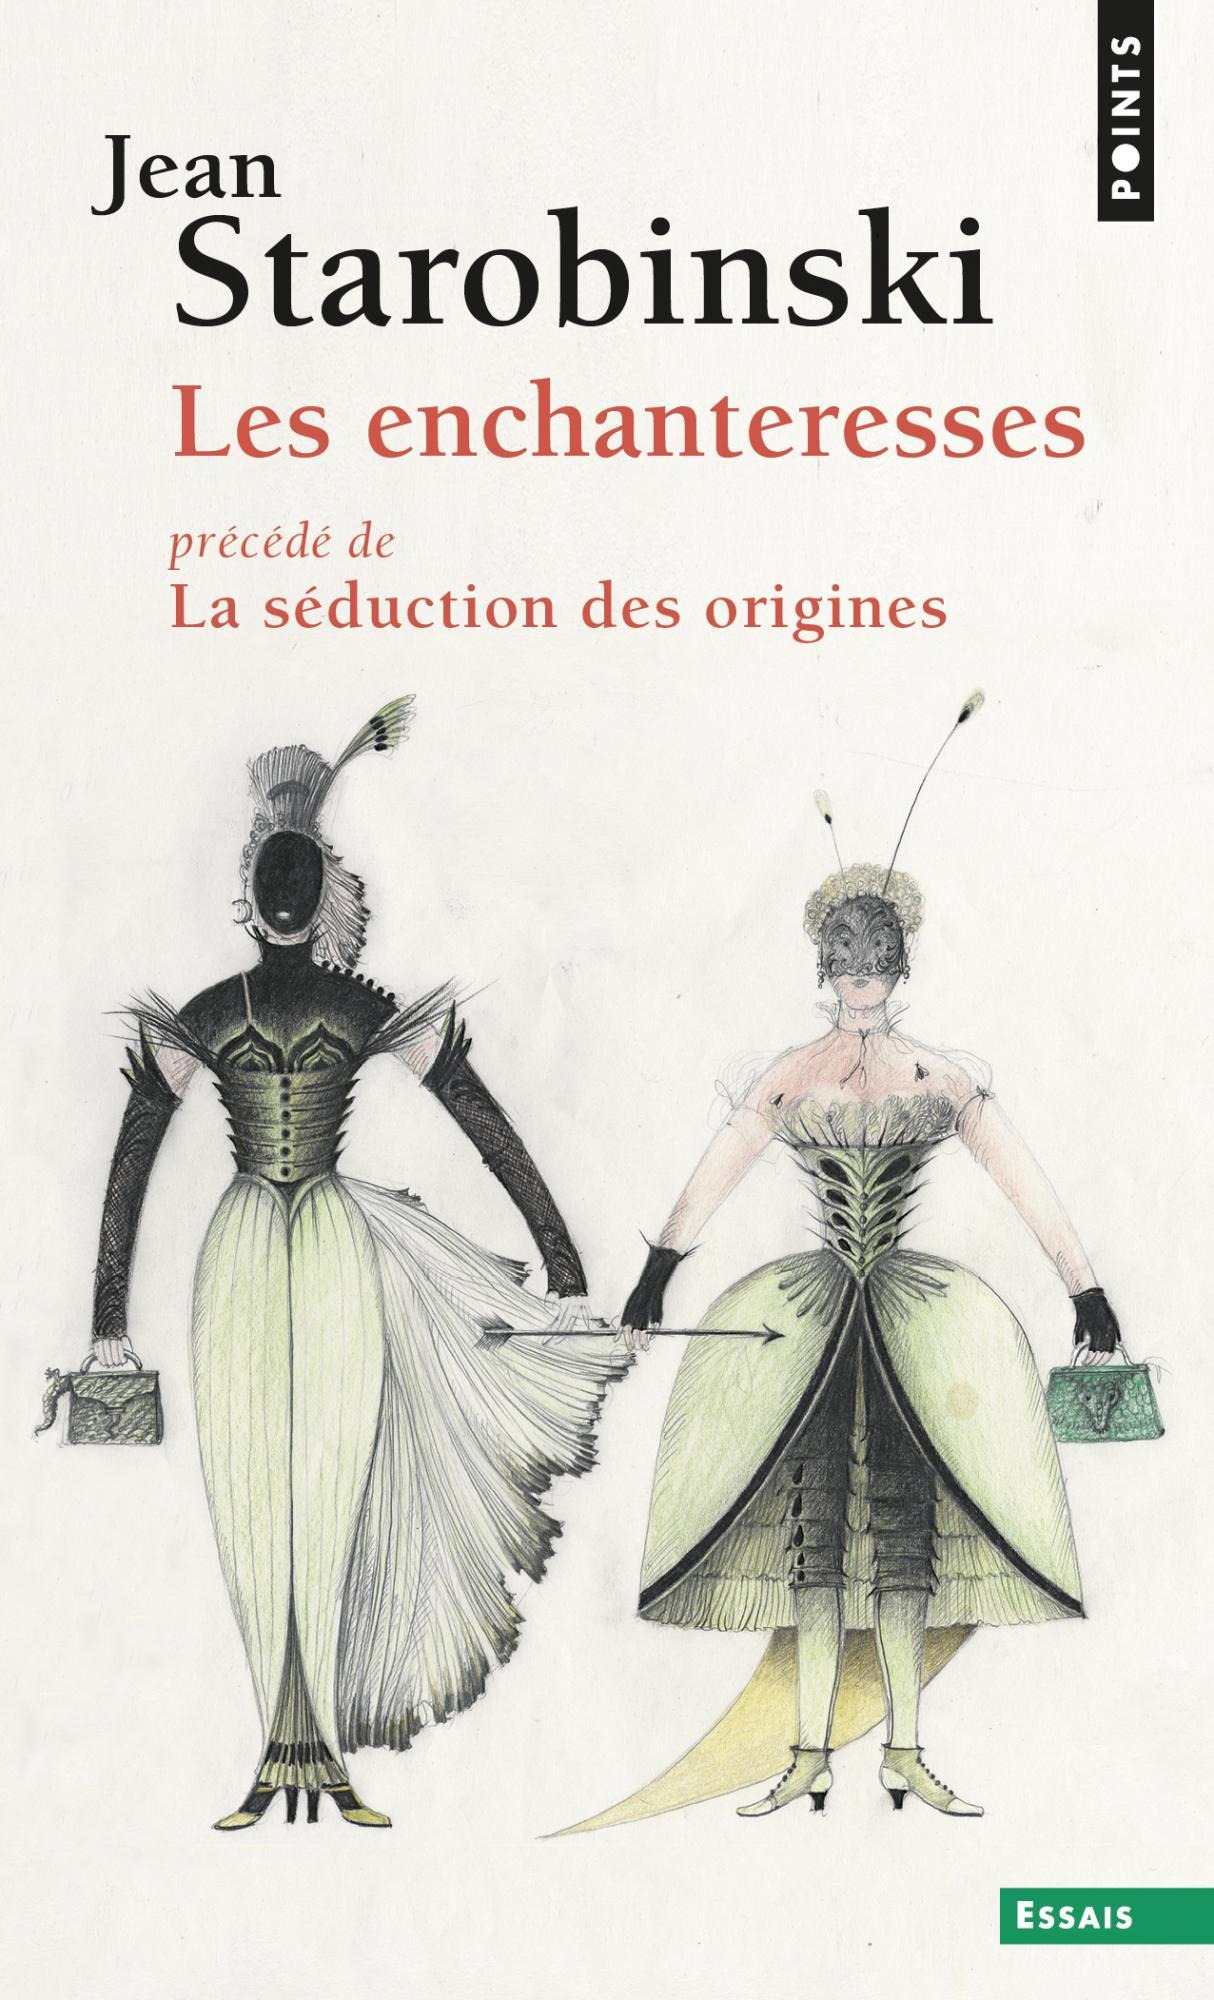 J. Starobinski, Les Enchanteresses, précédé de La séduction des origines